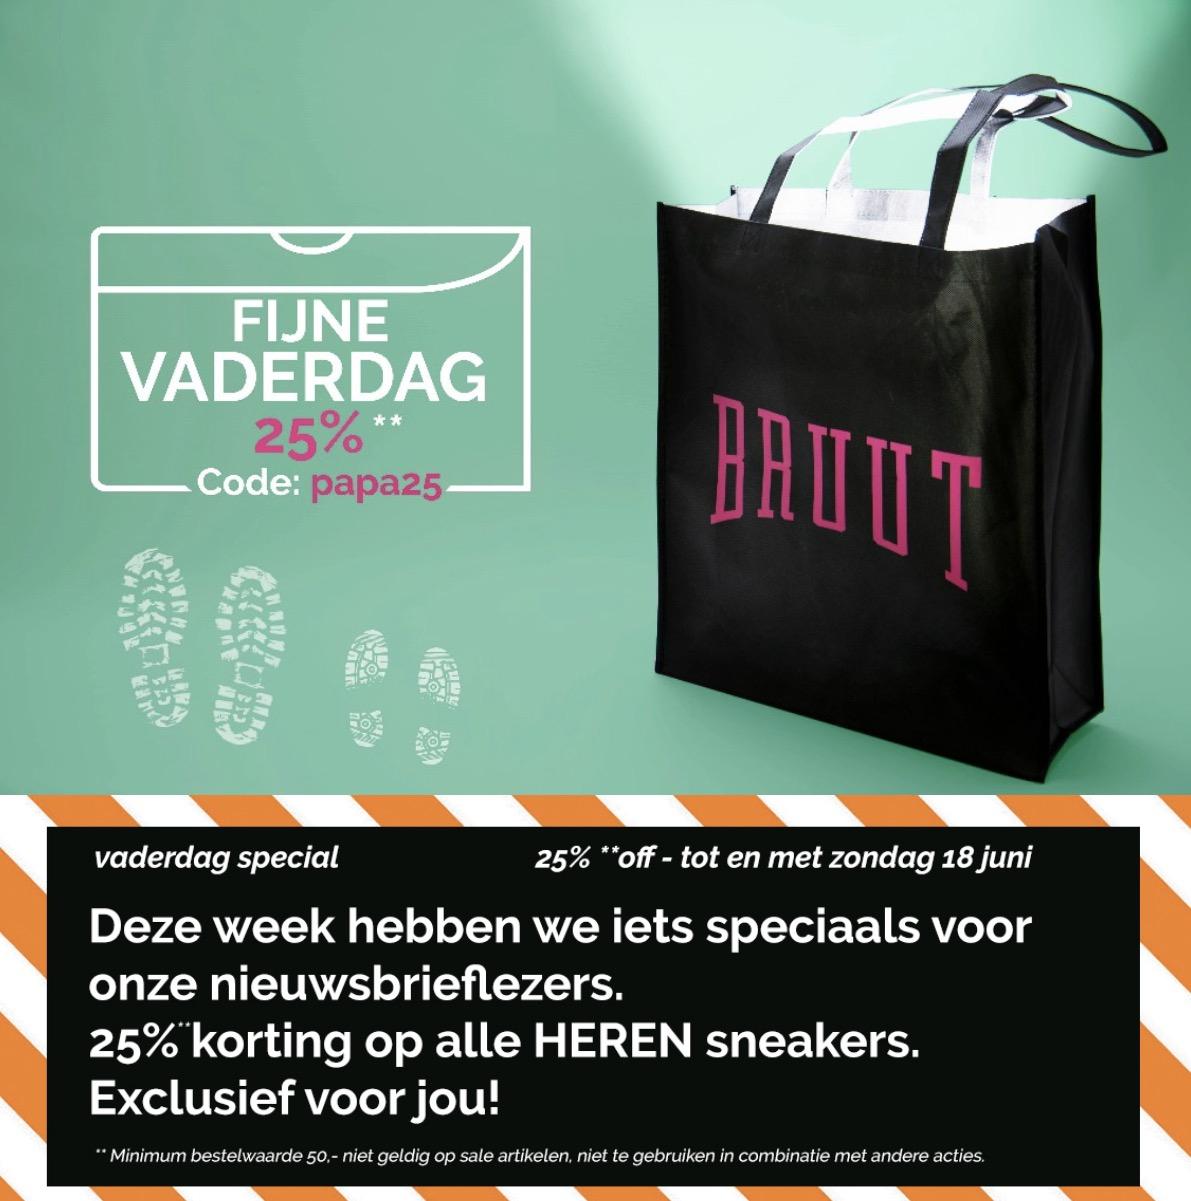 25% Korting op alle Heren sneakers bij Bruut.nl